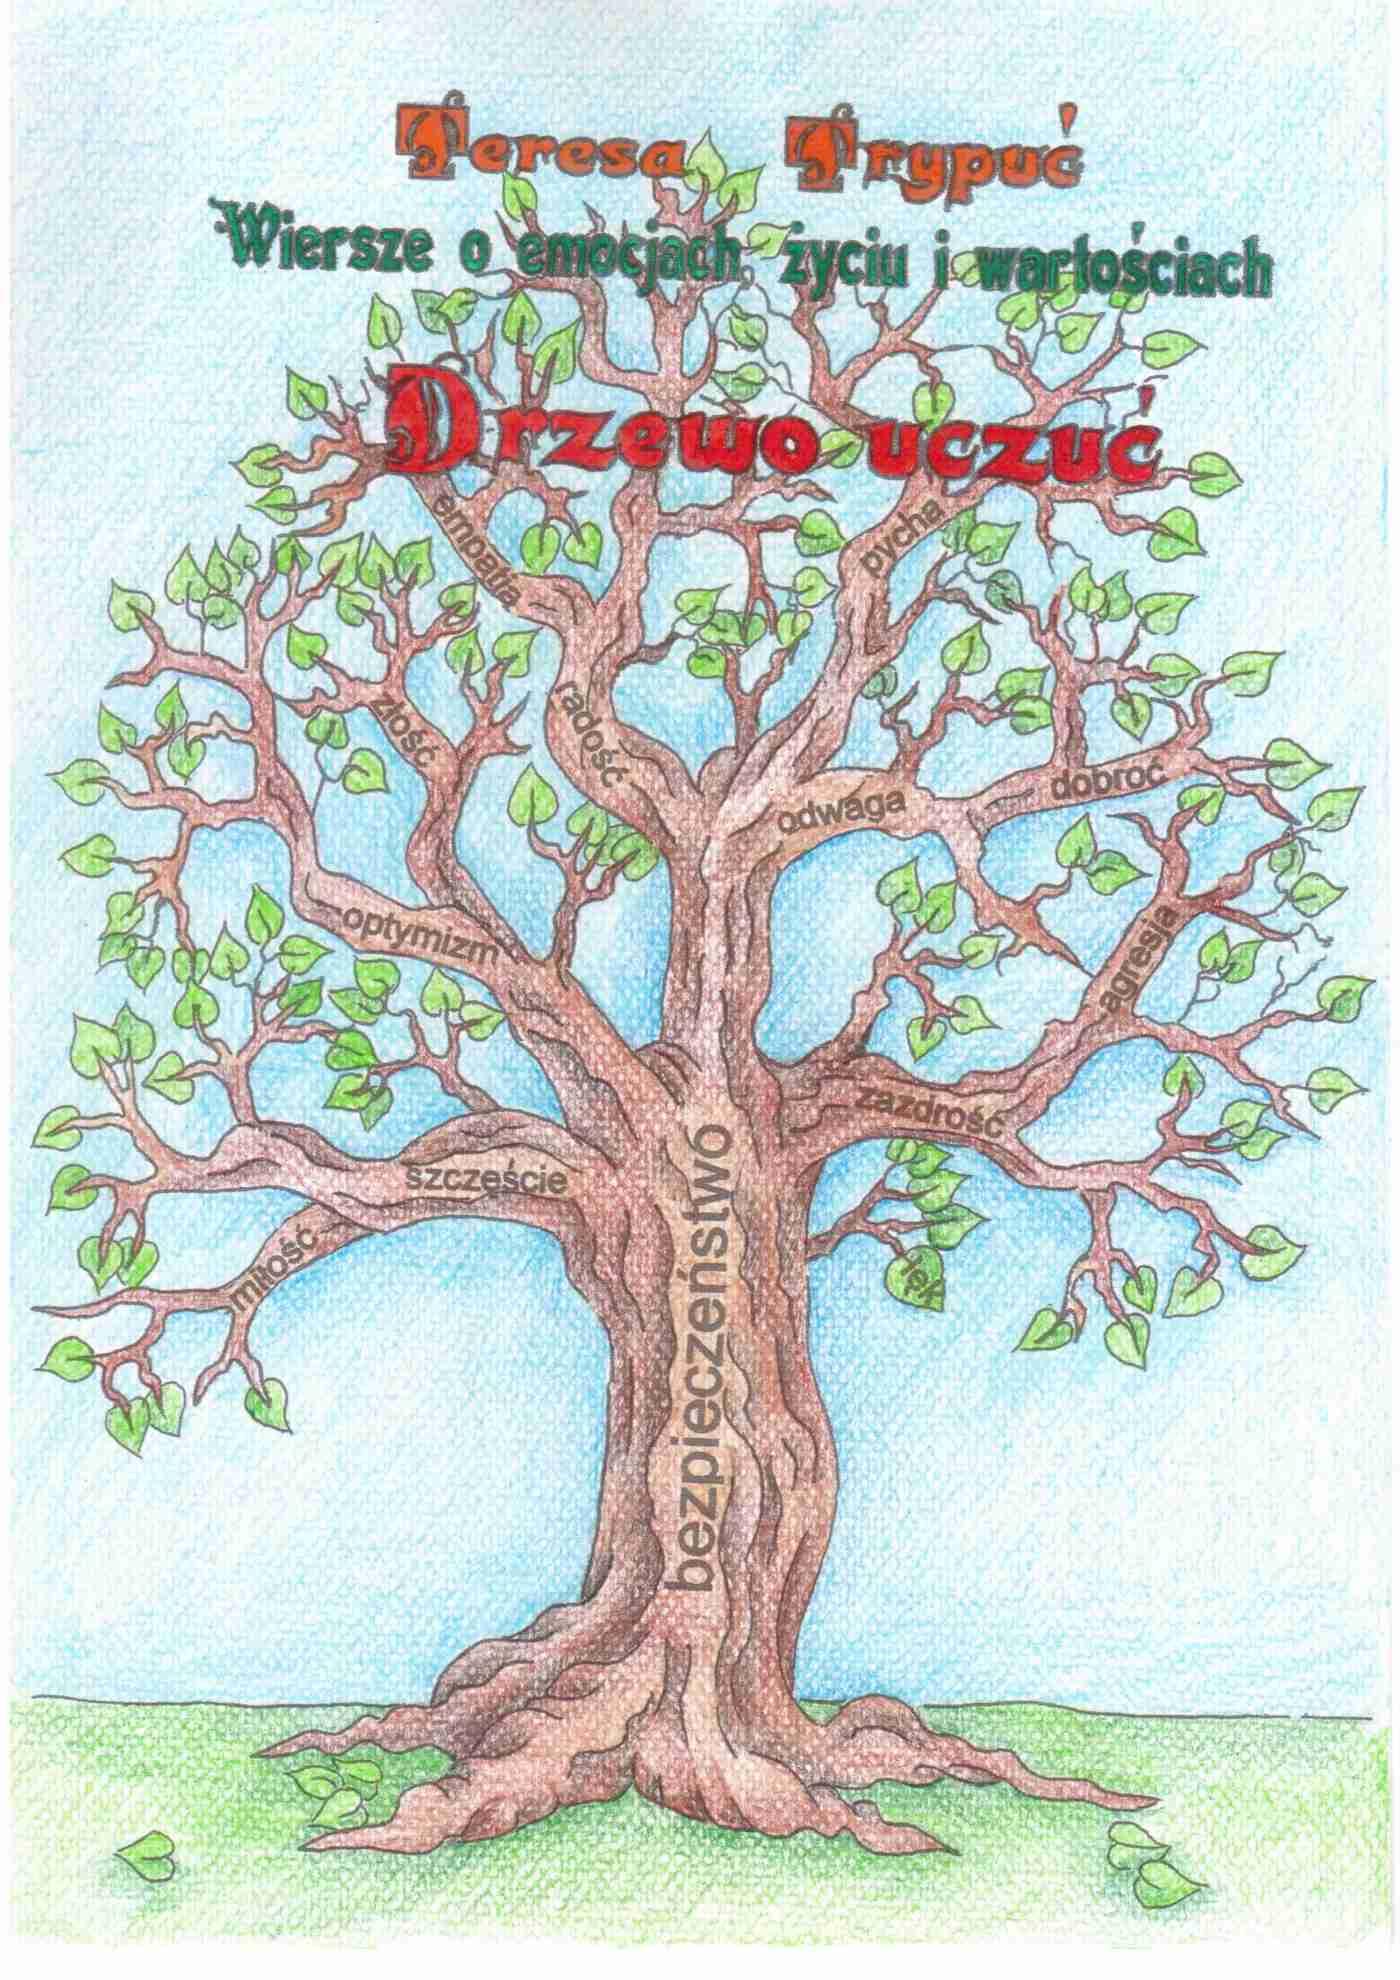 Drzewo Uczuć Wiersze O Emocjach życiu Wartościach